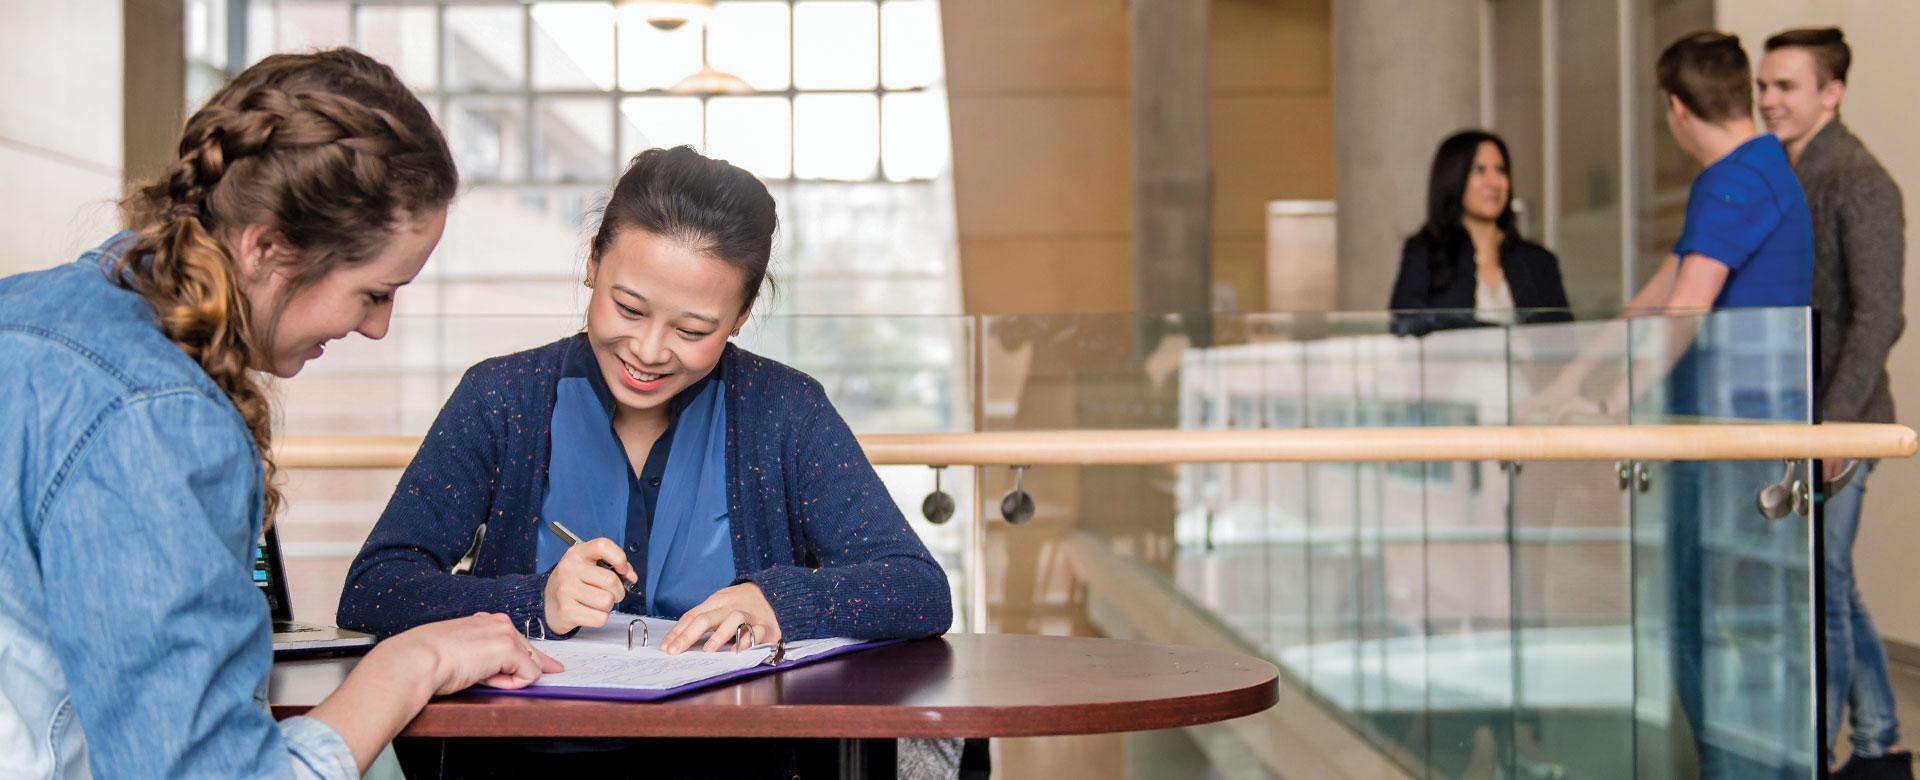 talking between students, career, advise